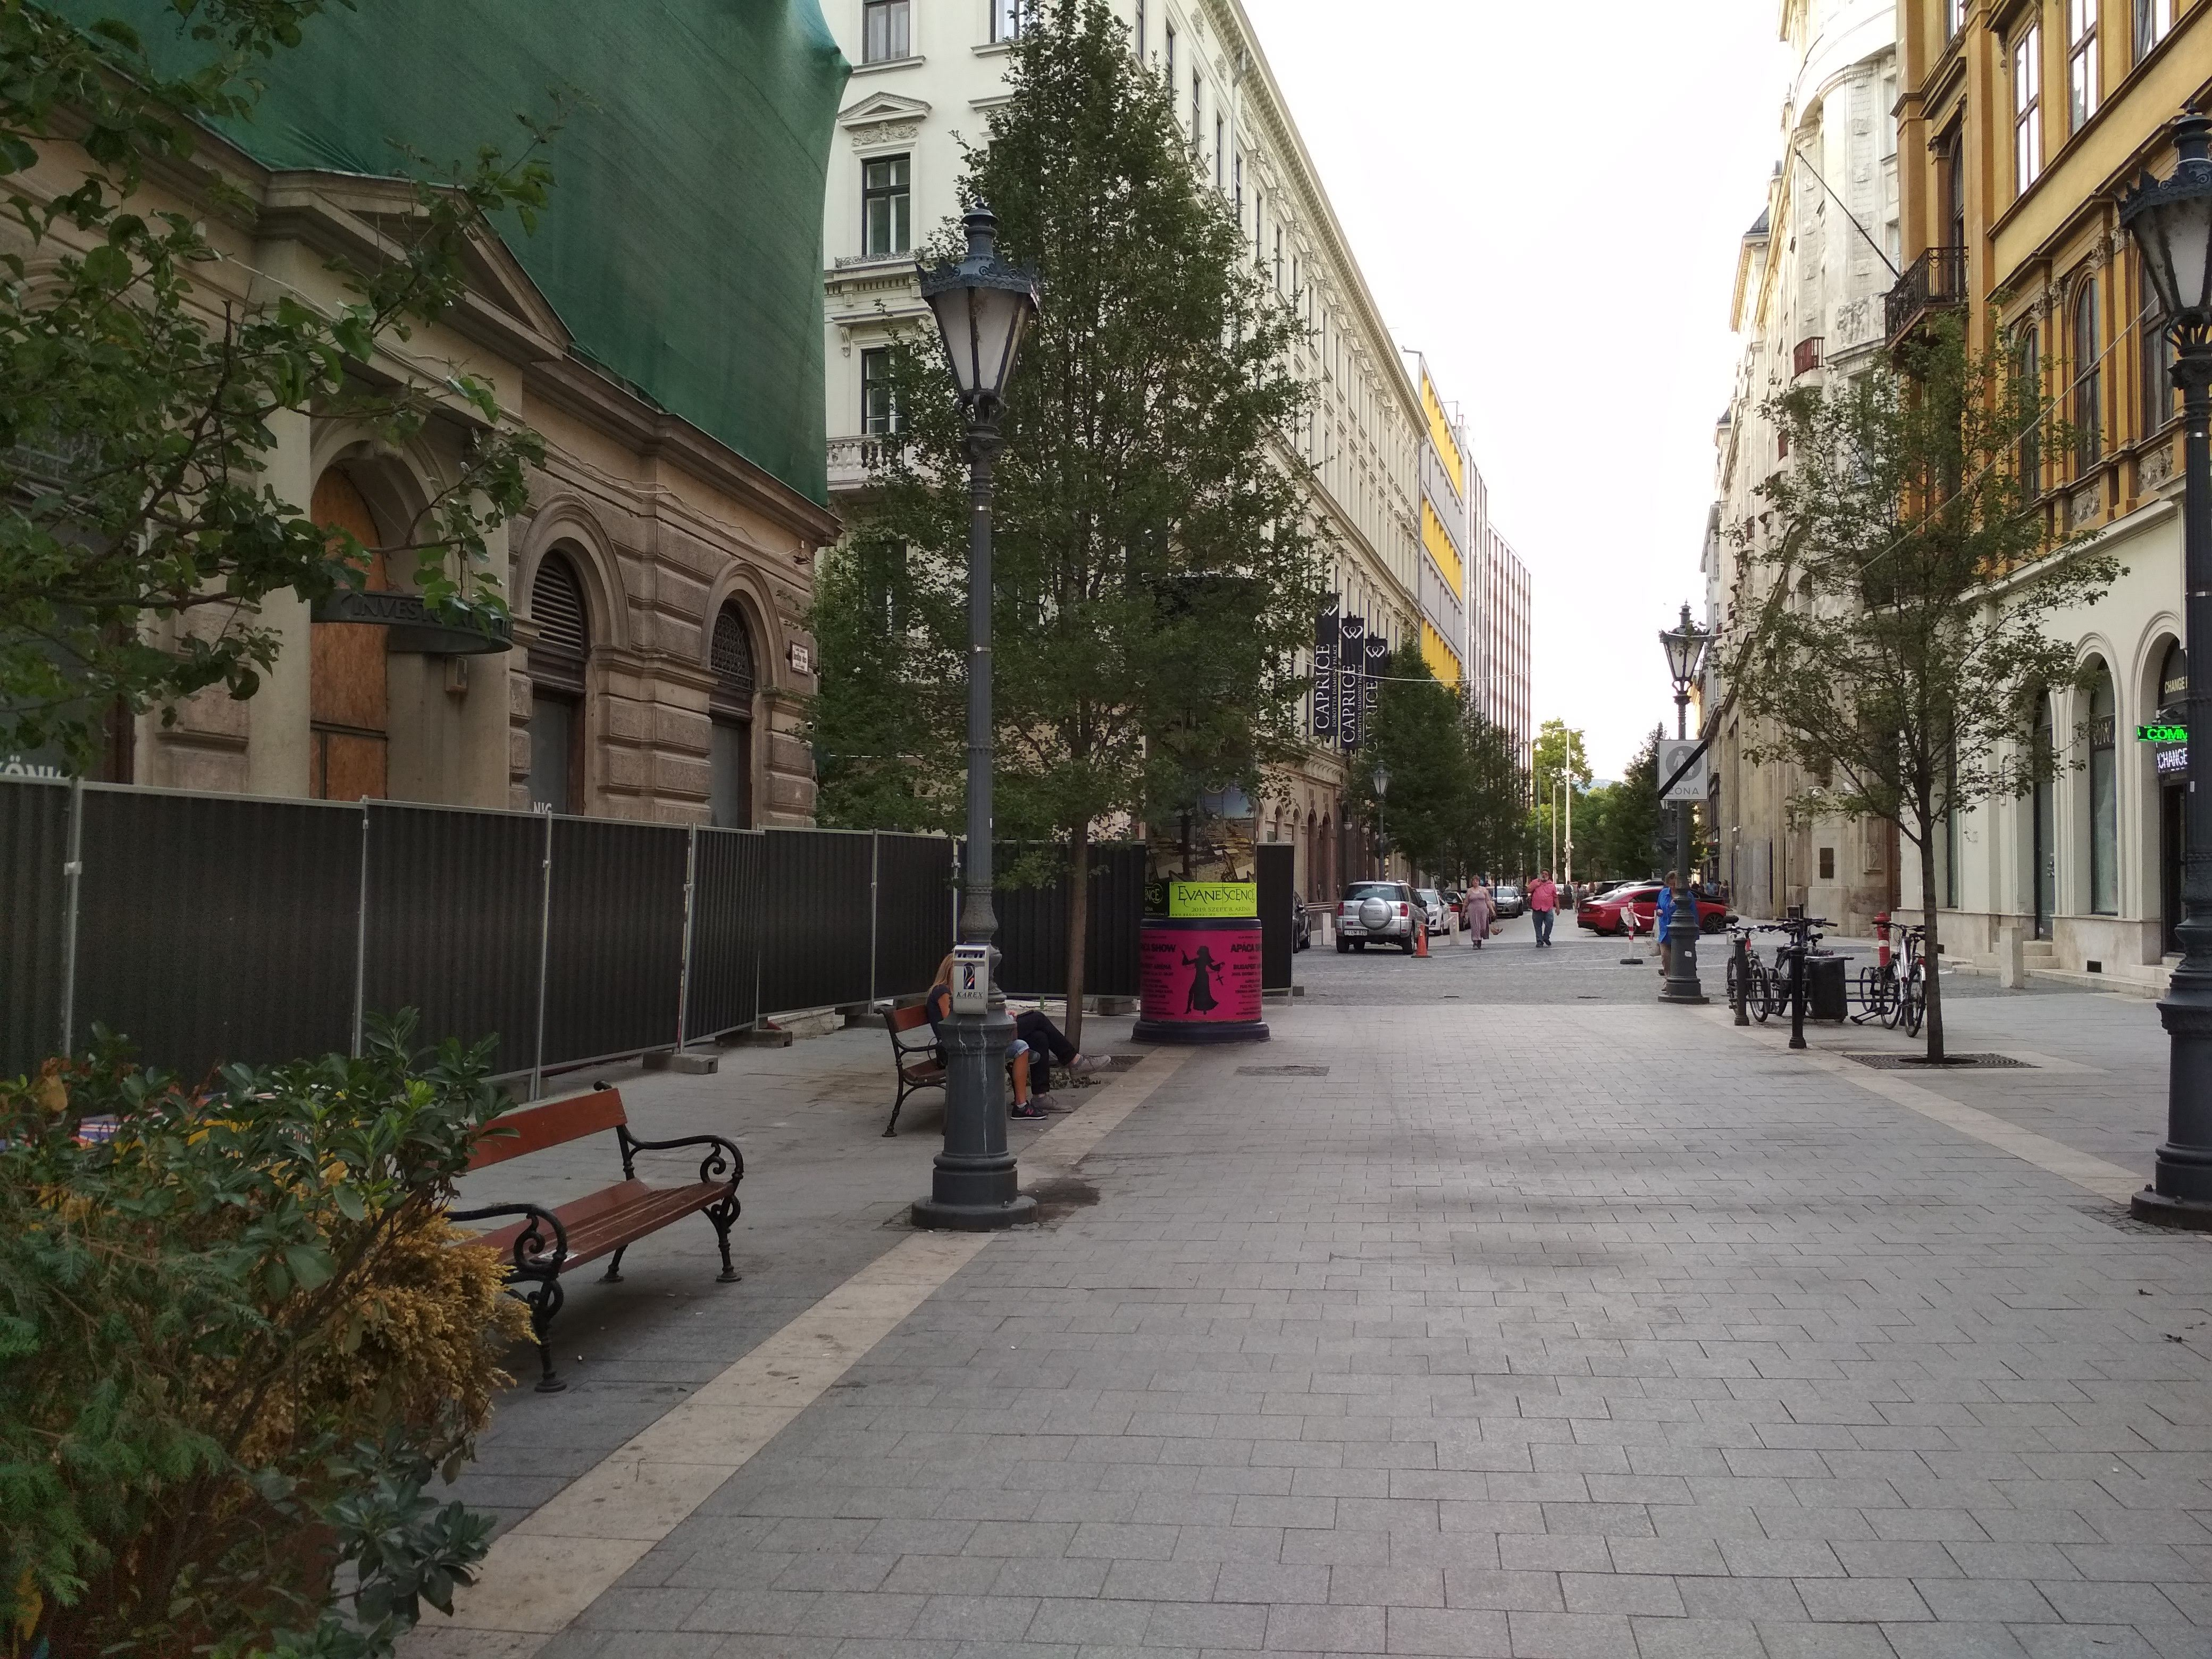 MOL Bubi gyűjtőállomás hűlt helye a Dorottya utcában